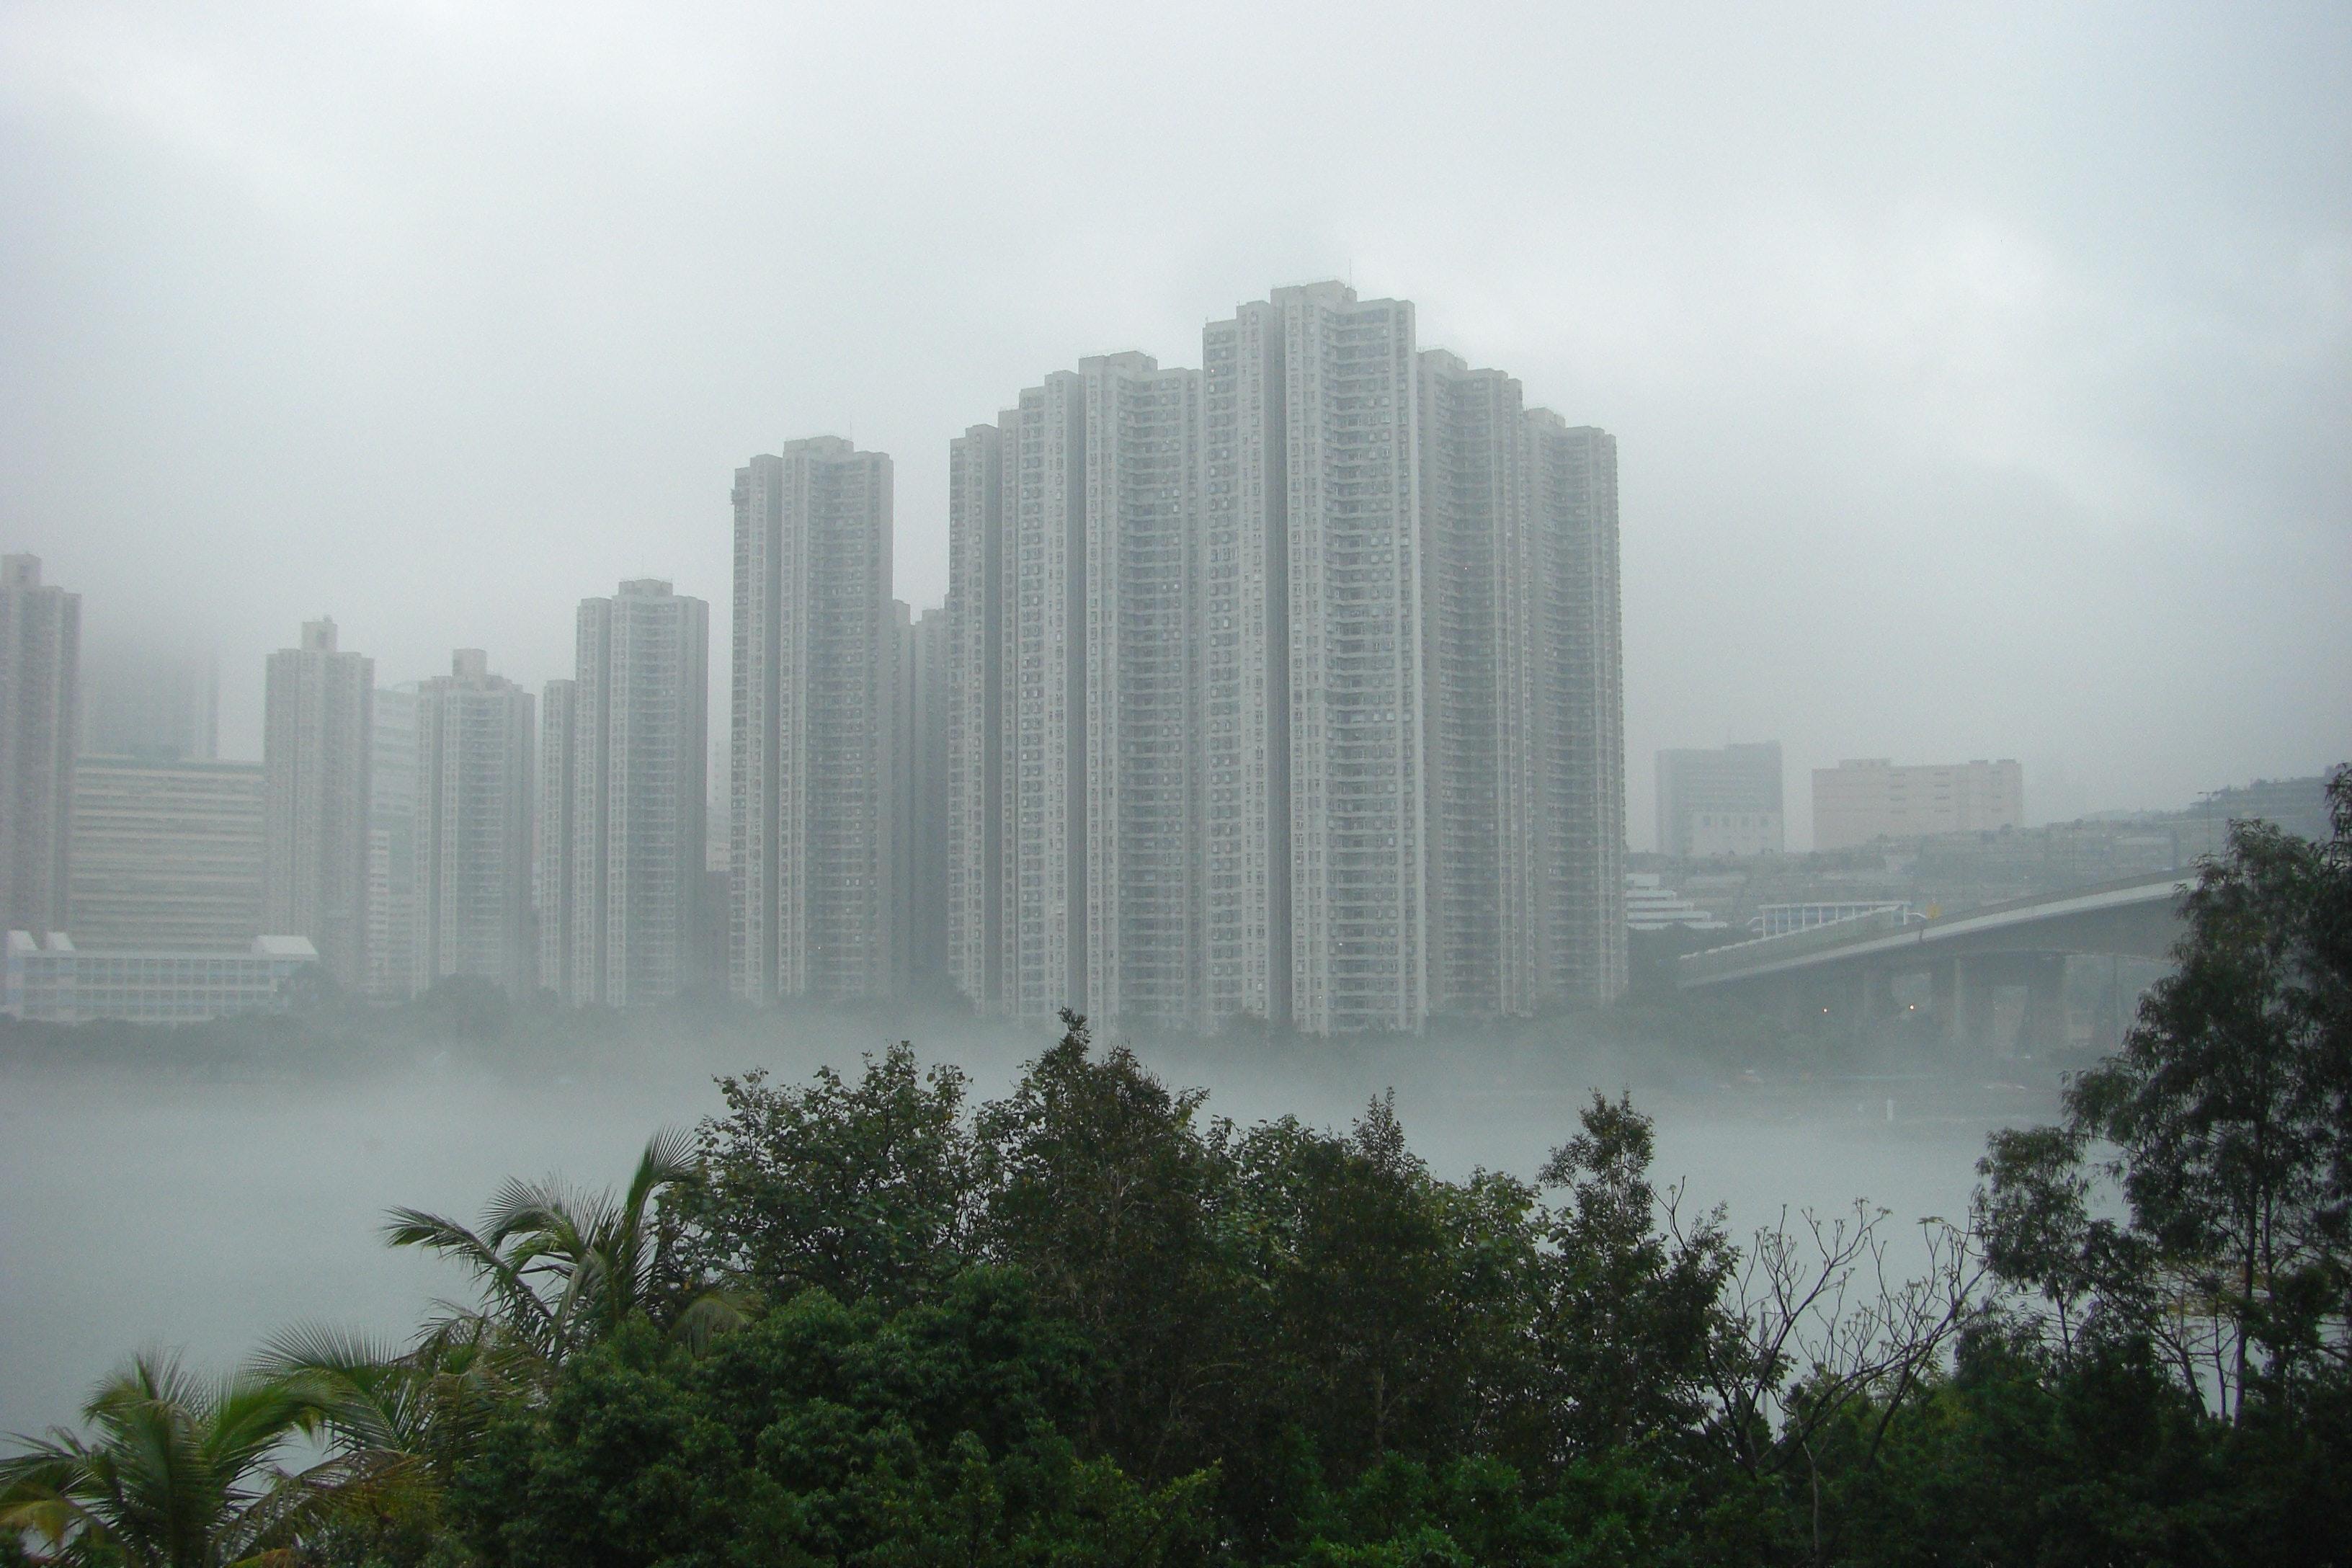 备战秋霾 你准备好了吗?-上海空气新风展 AIRVENTEC CHINA 2022.6.8-10新风系统 通风设备 空气净化